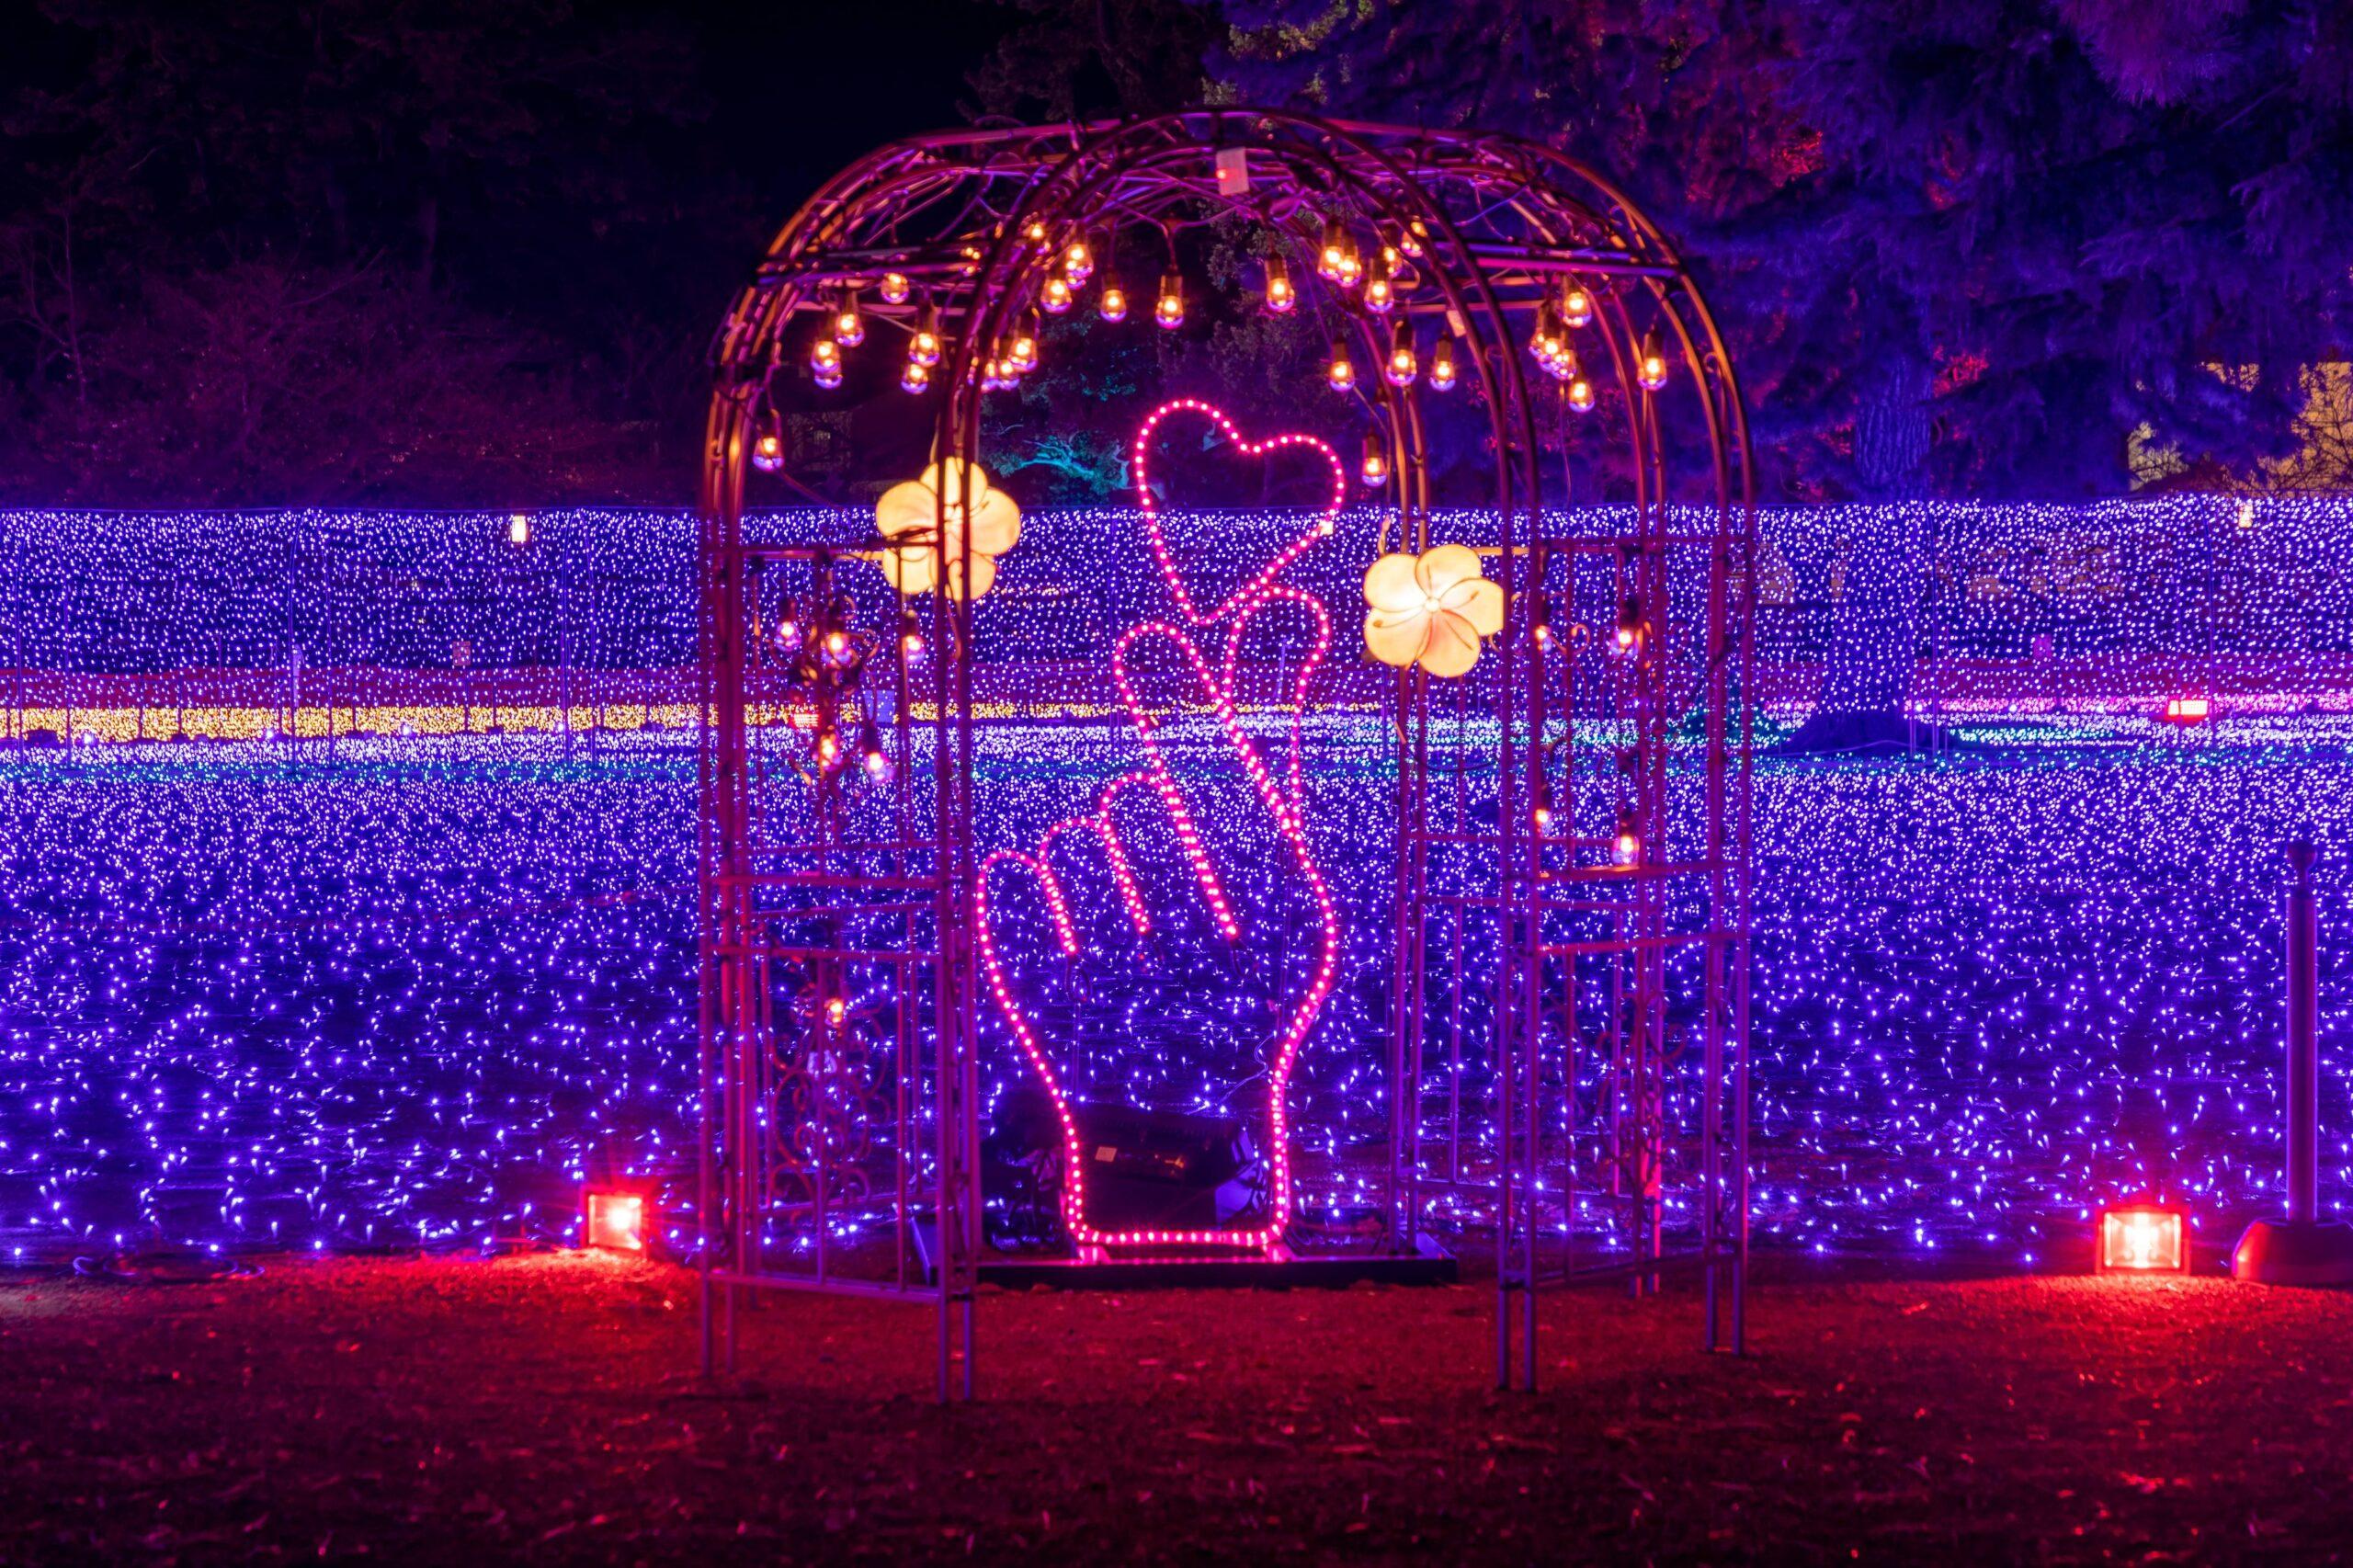 小田原城址公園二の丸広場 初開催!!23万球のライトが彩るイルミと桜の競演『小田原城 春のイルミネーション~光の回廊~』